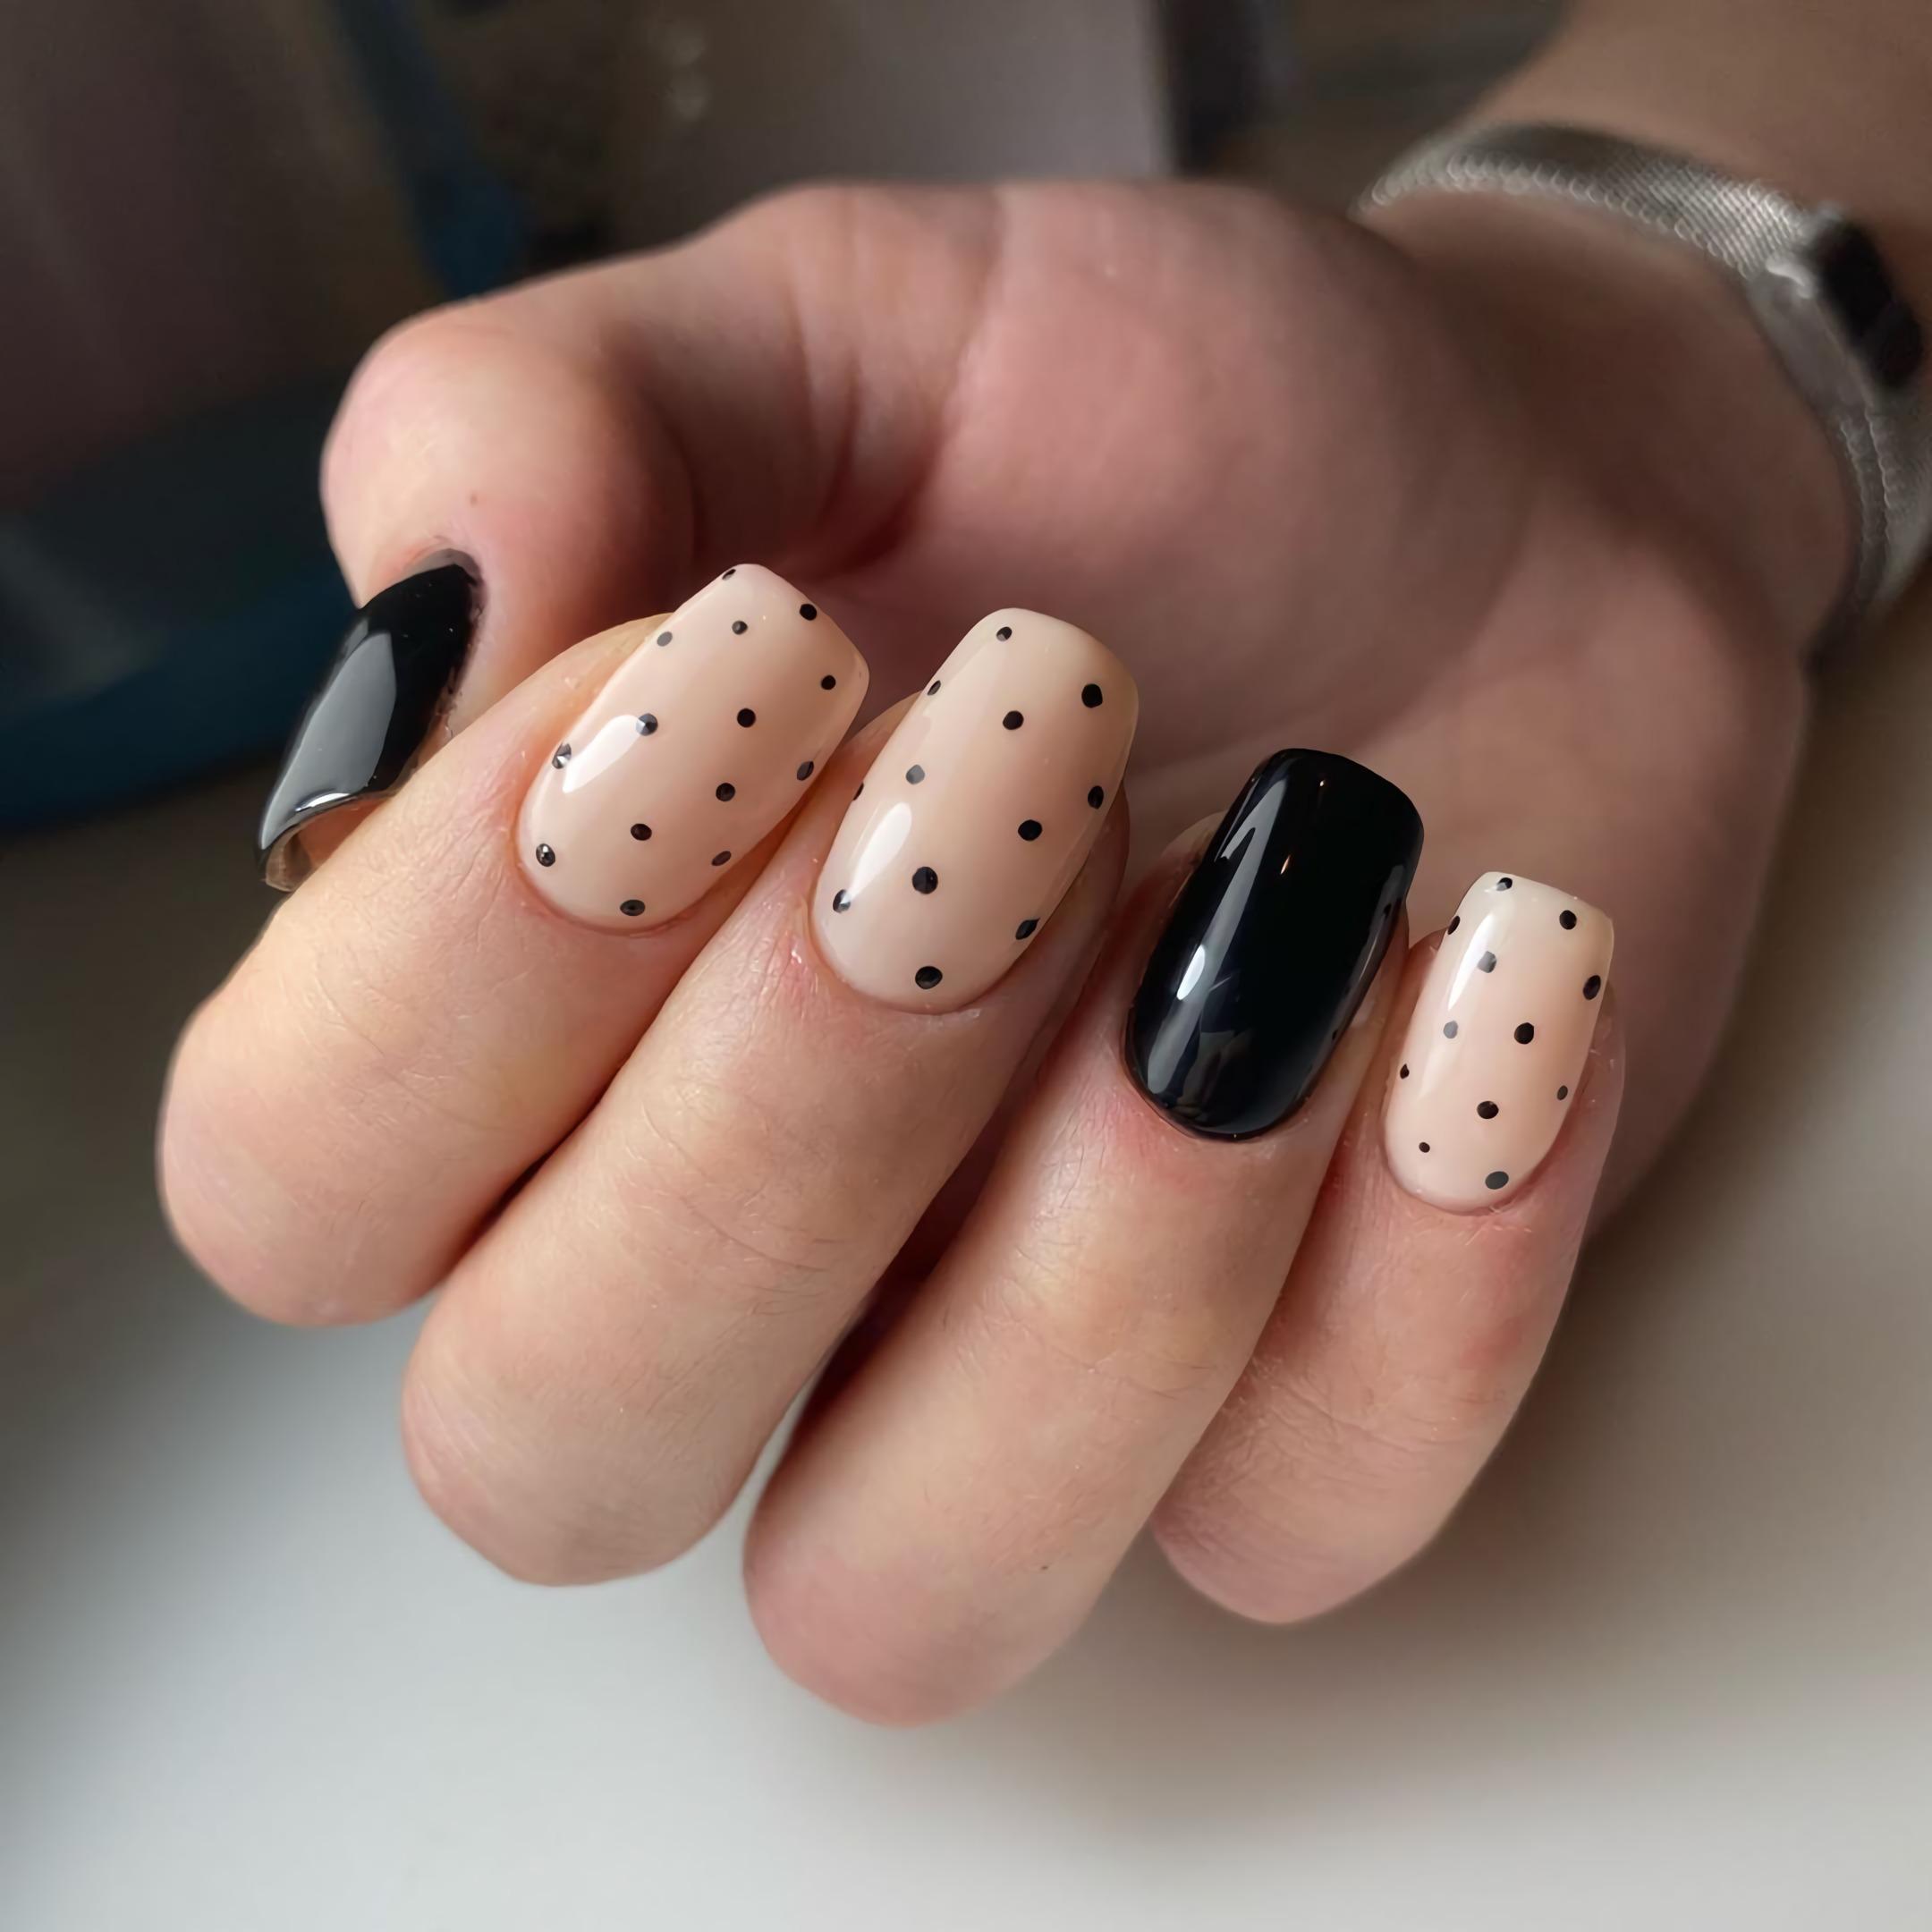 красивые короткие ногти с точками